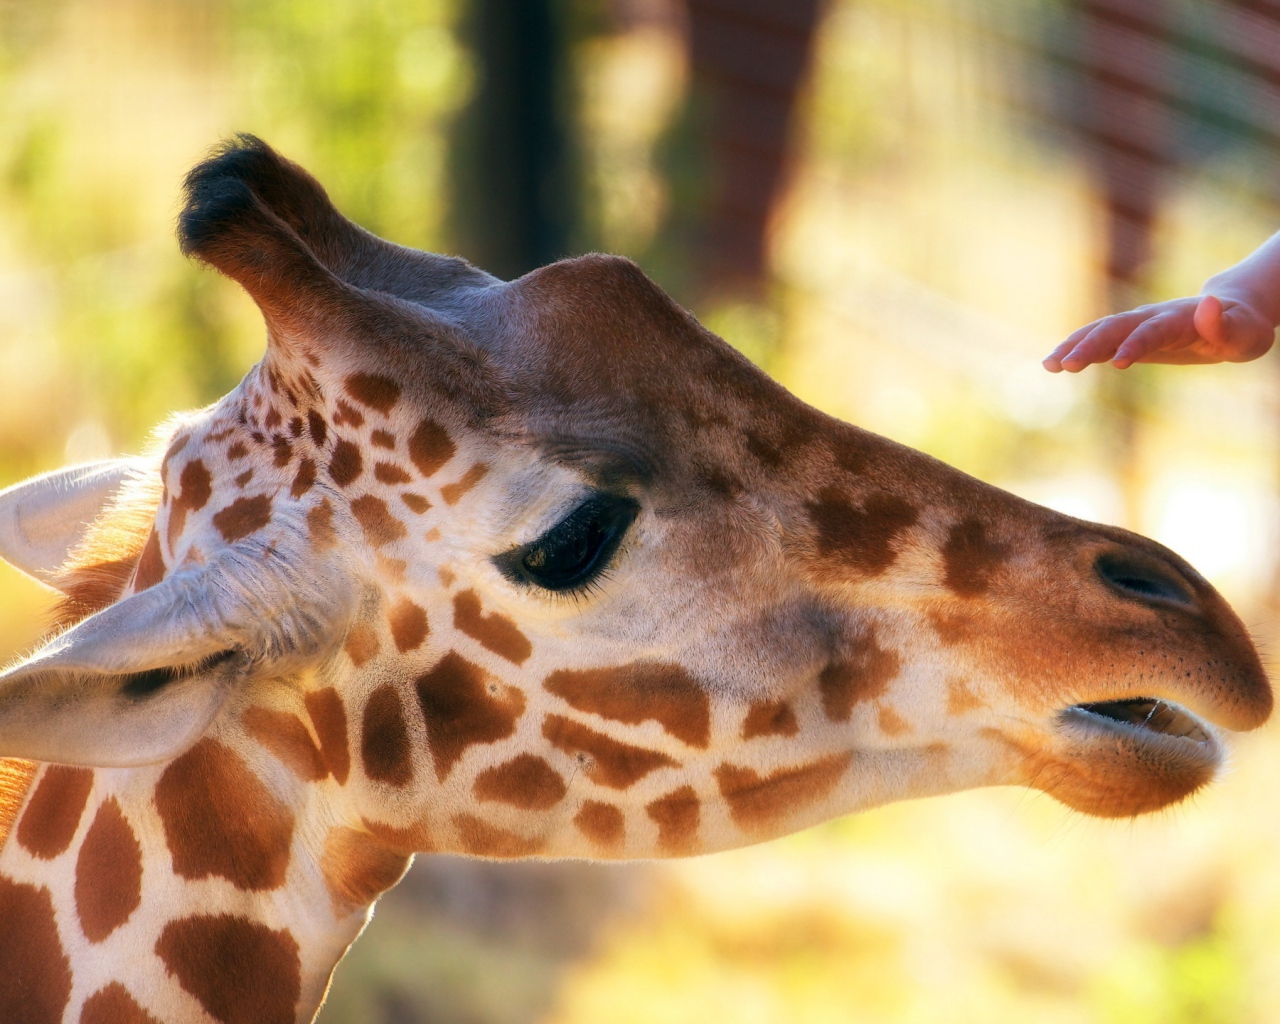 giraffe_head_face_mottled_hand_zoo_57822_1280x1024